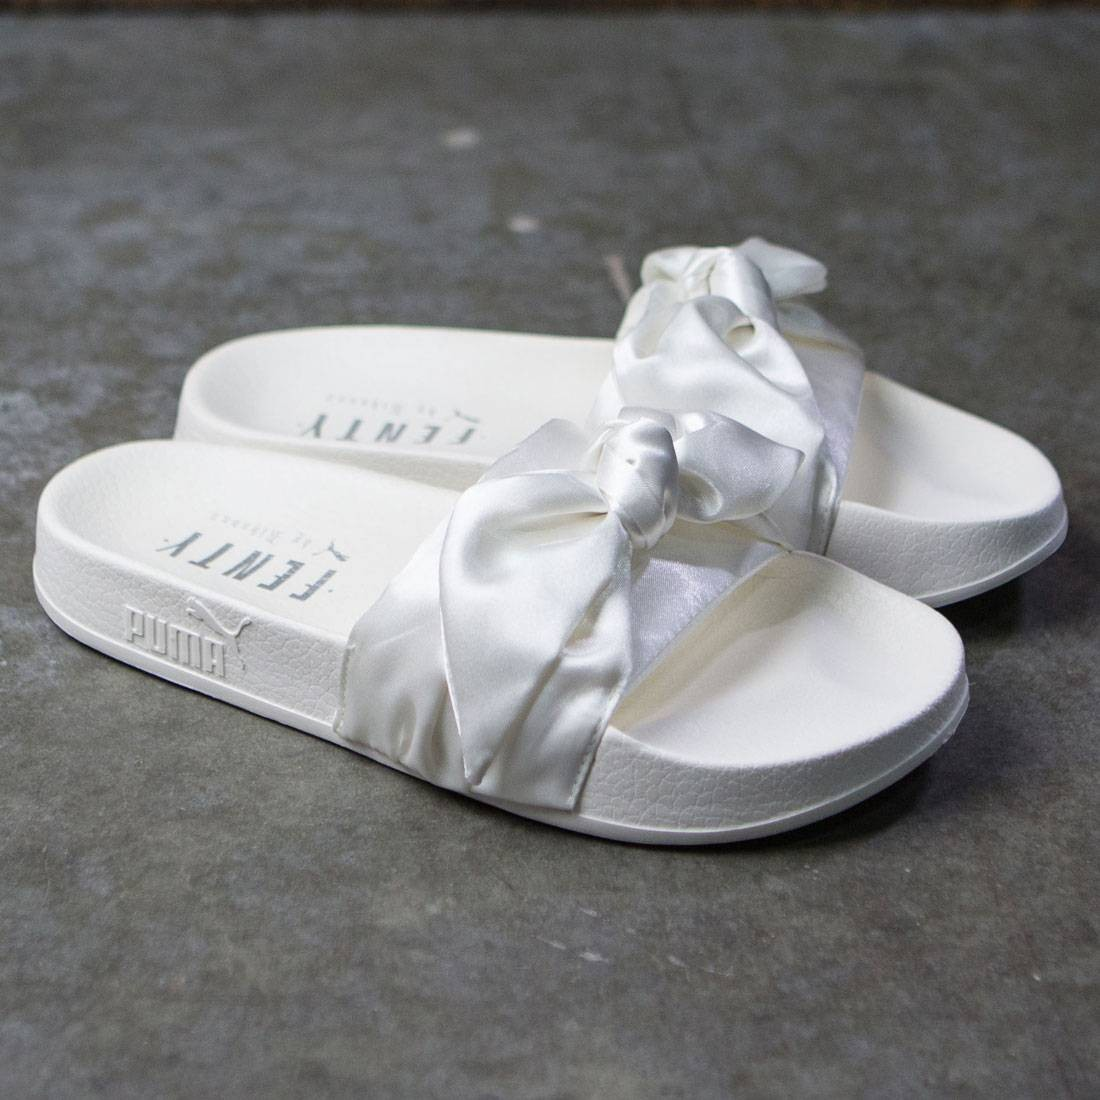 fenty puma slides white